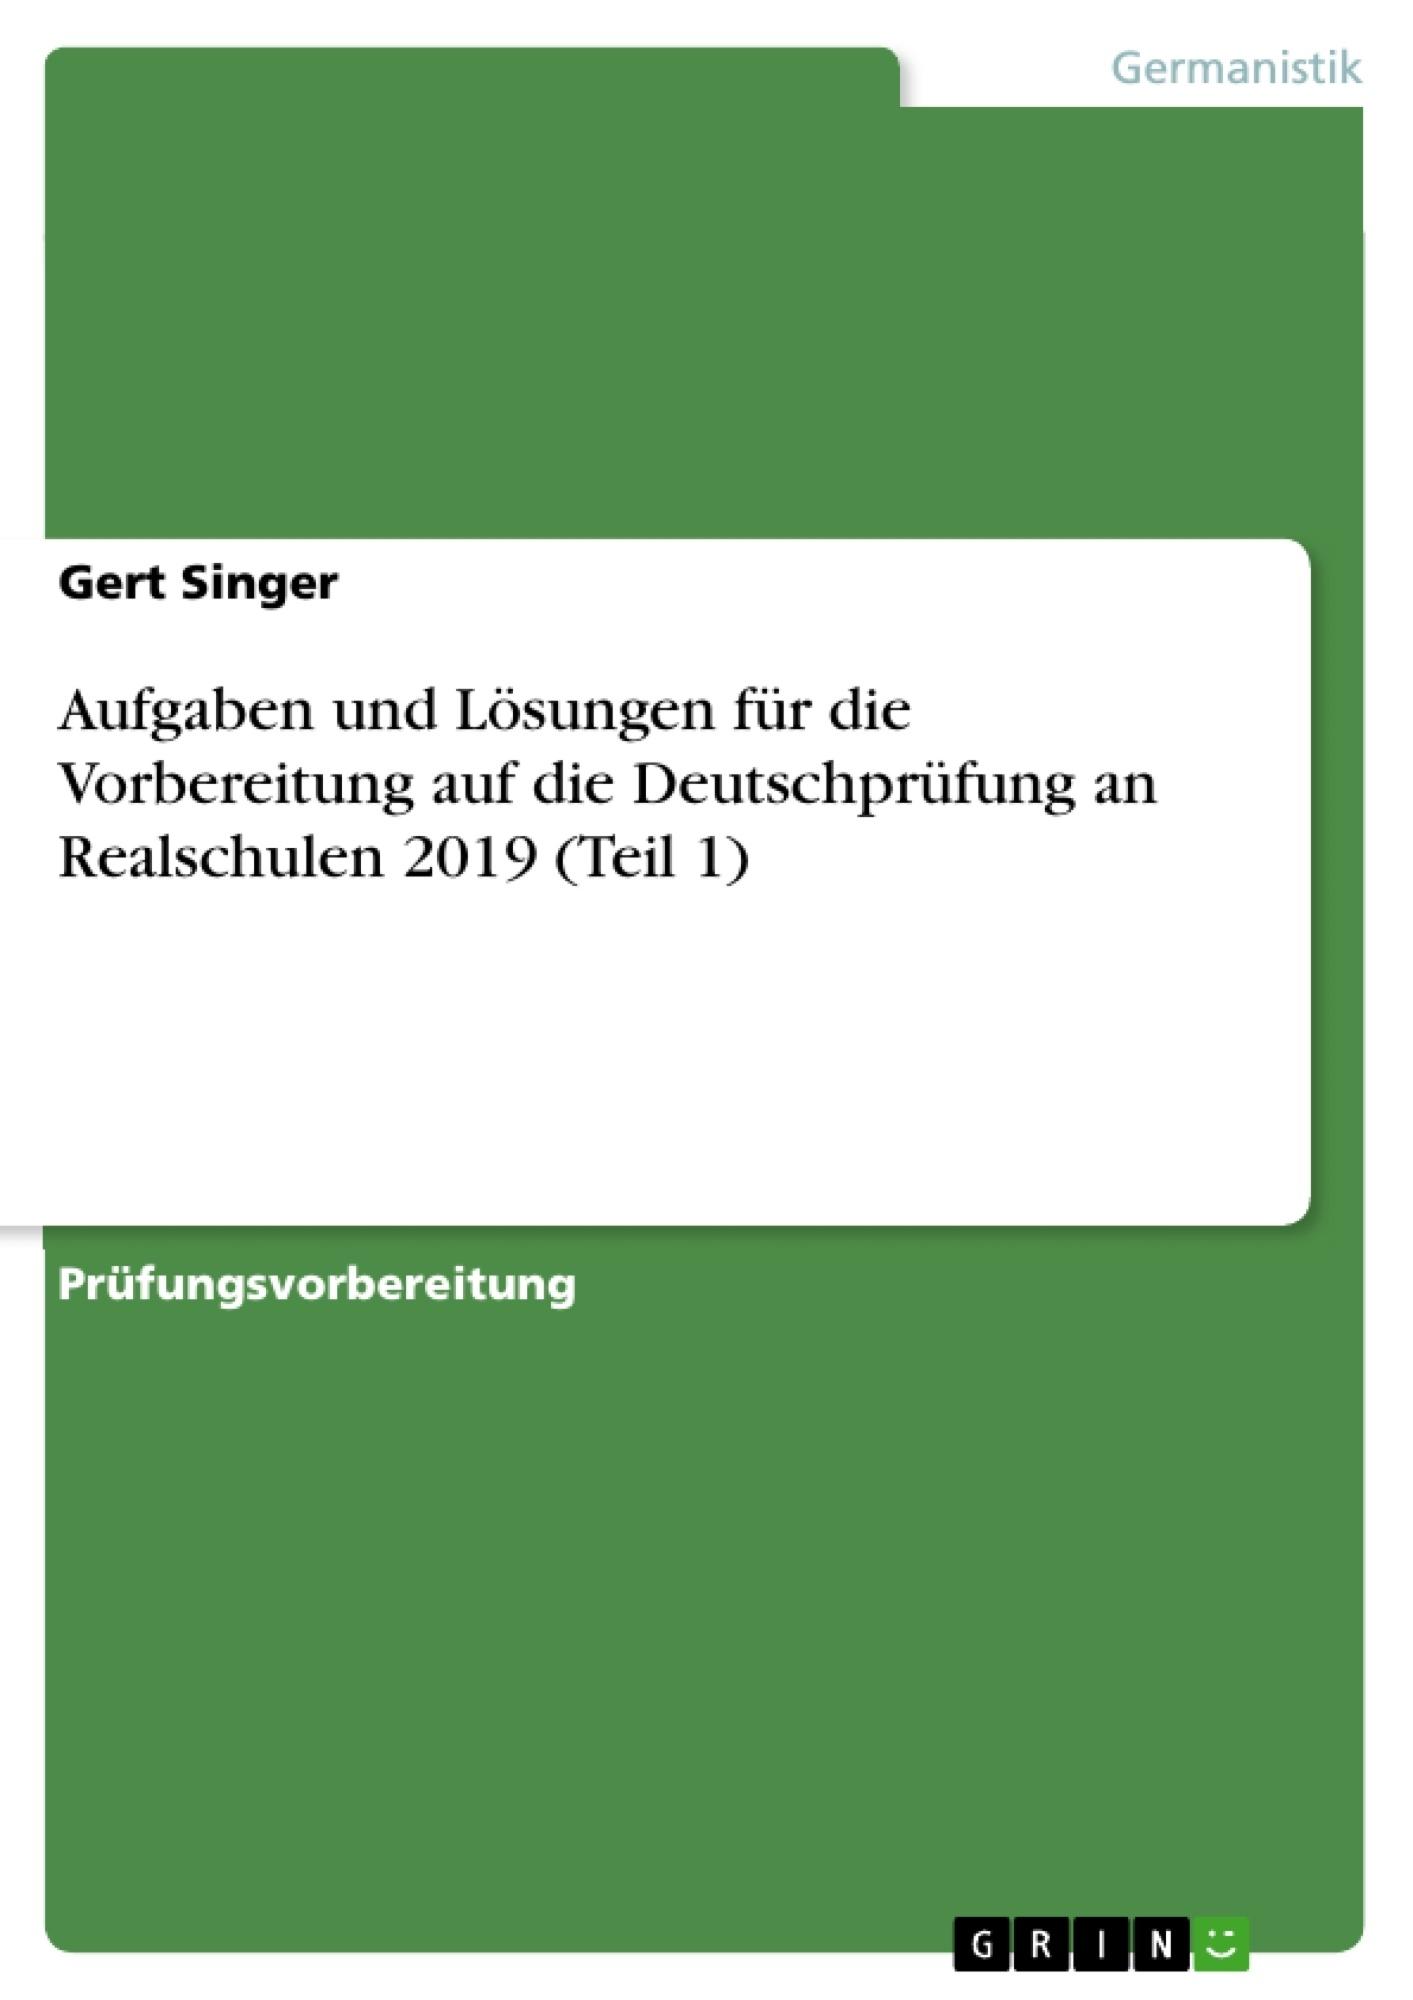 Titel: Aufgaben und Lösungen für die Vorbereitung auf die Deutschprüfung an Realschulen 2019 (Teil 1)